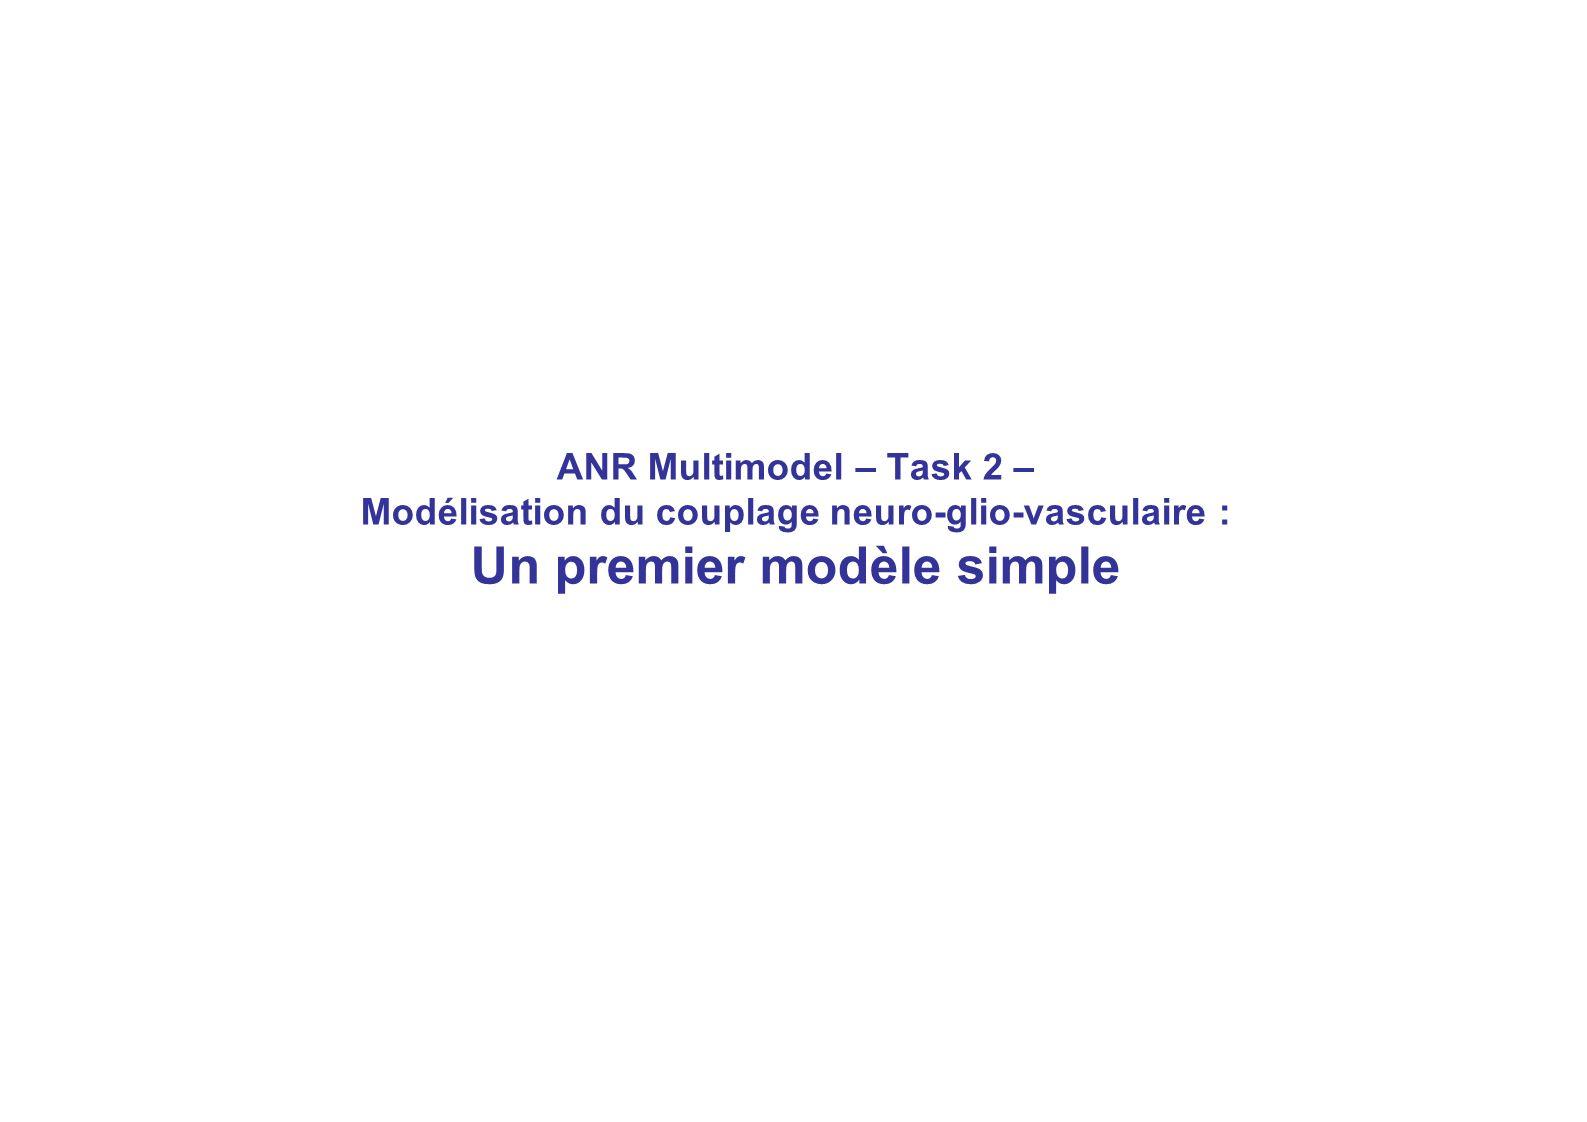 ANR Multimodel – Task 2 – Modélisation du couplage neuro-glio-vasculaire : Un premier modèle simple